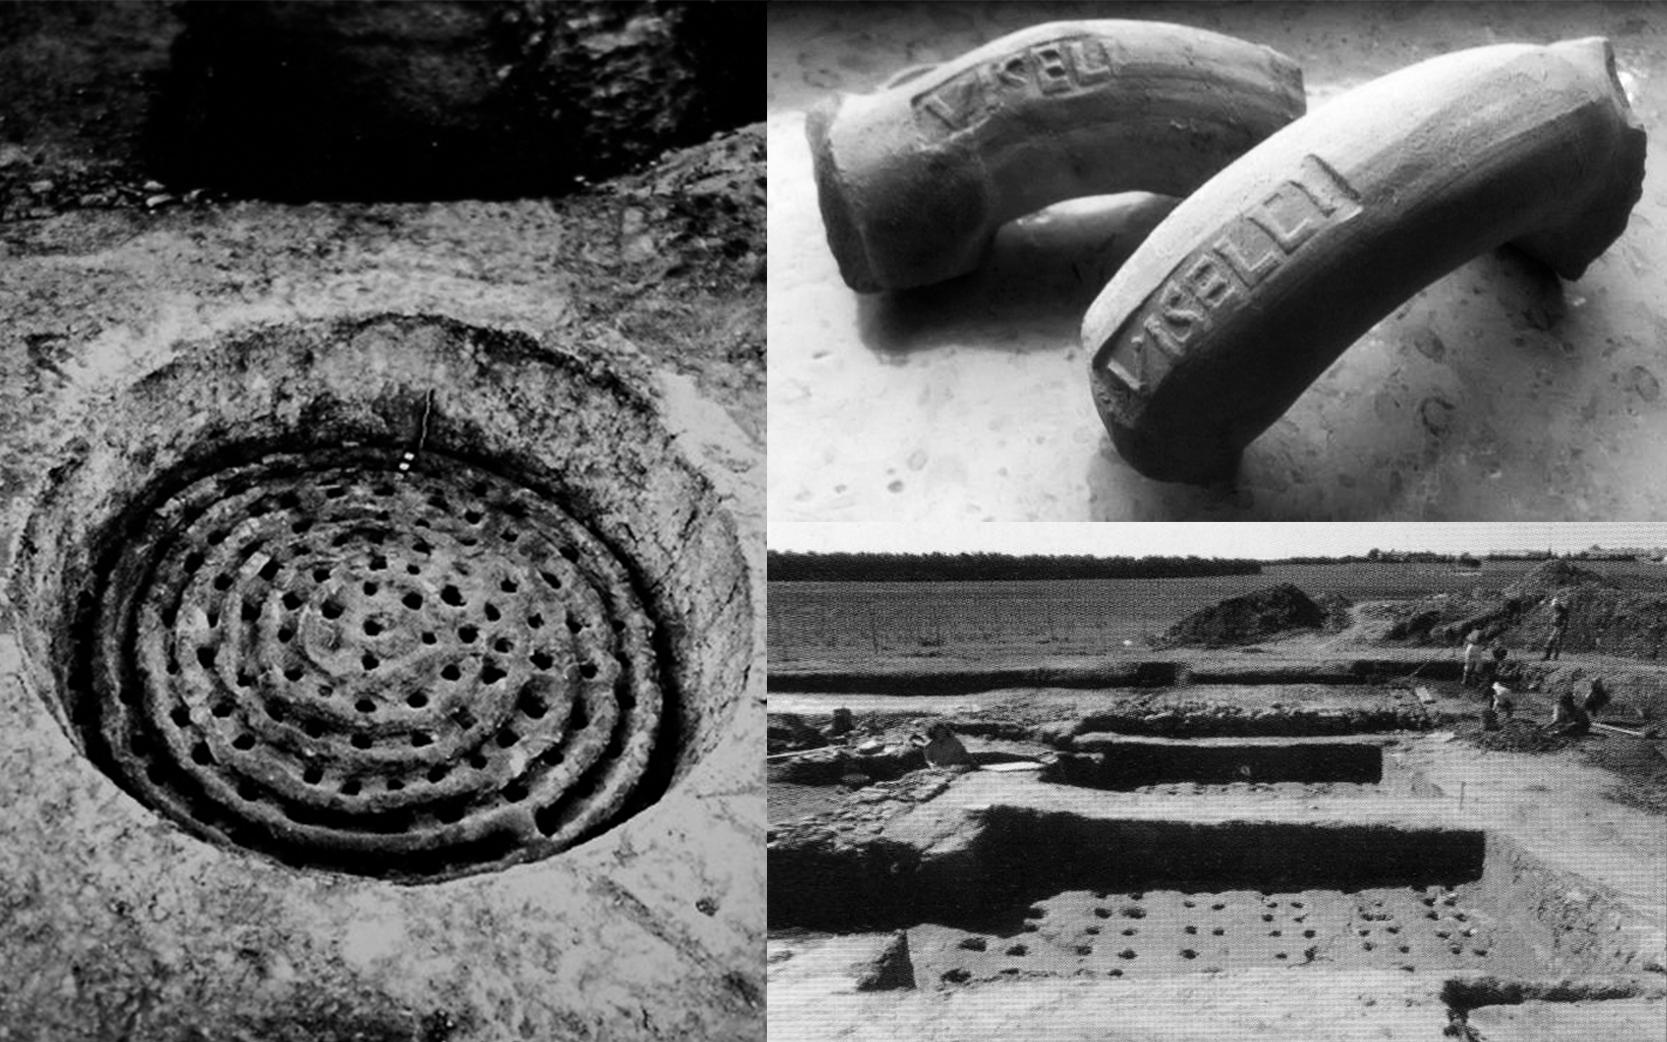 Il sito archeologico di Jaddico - Viaggio nella storia vitivinicola della Puglia